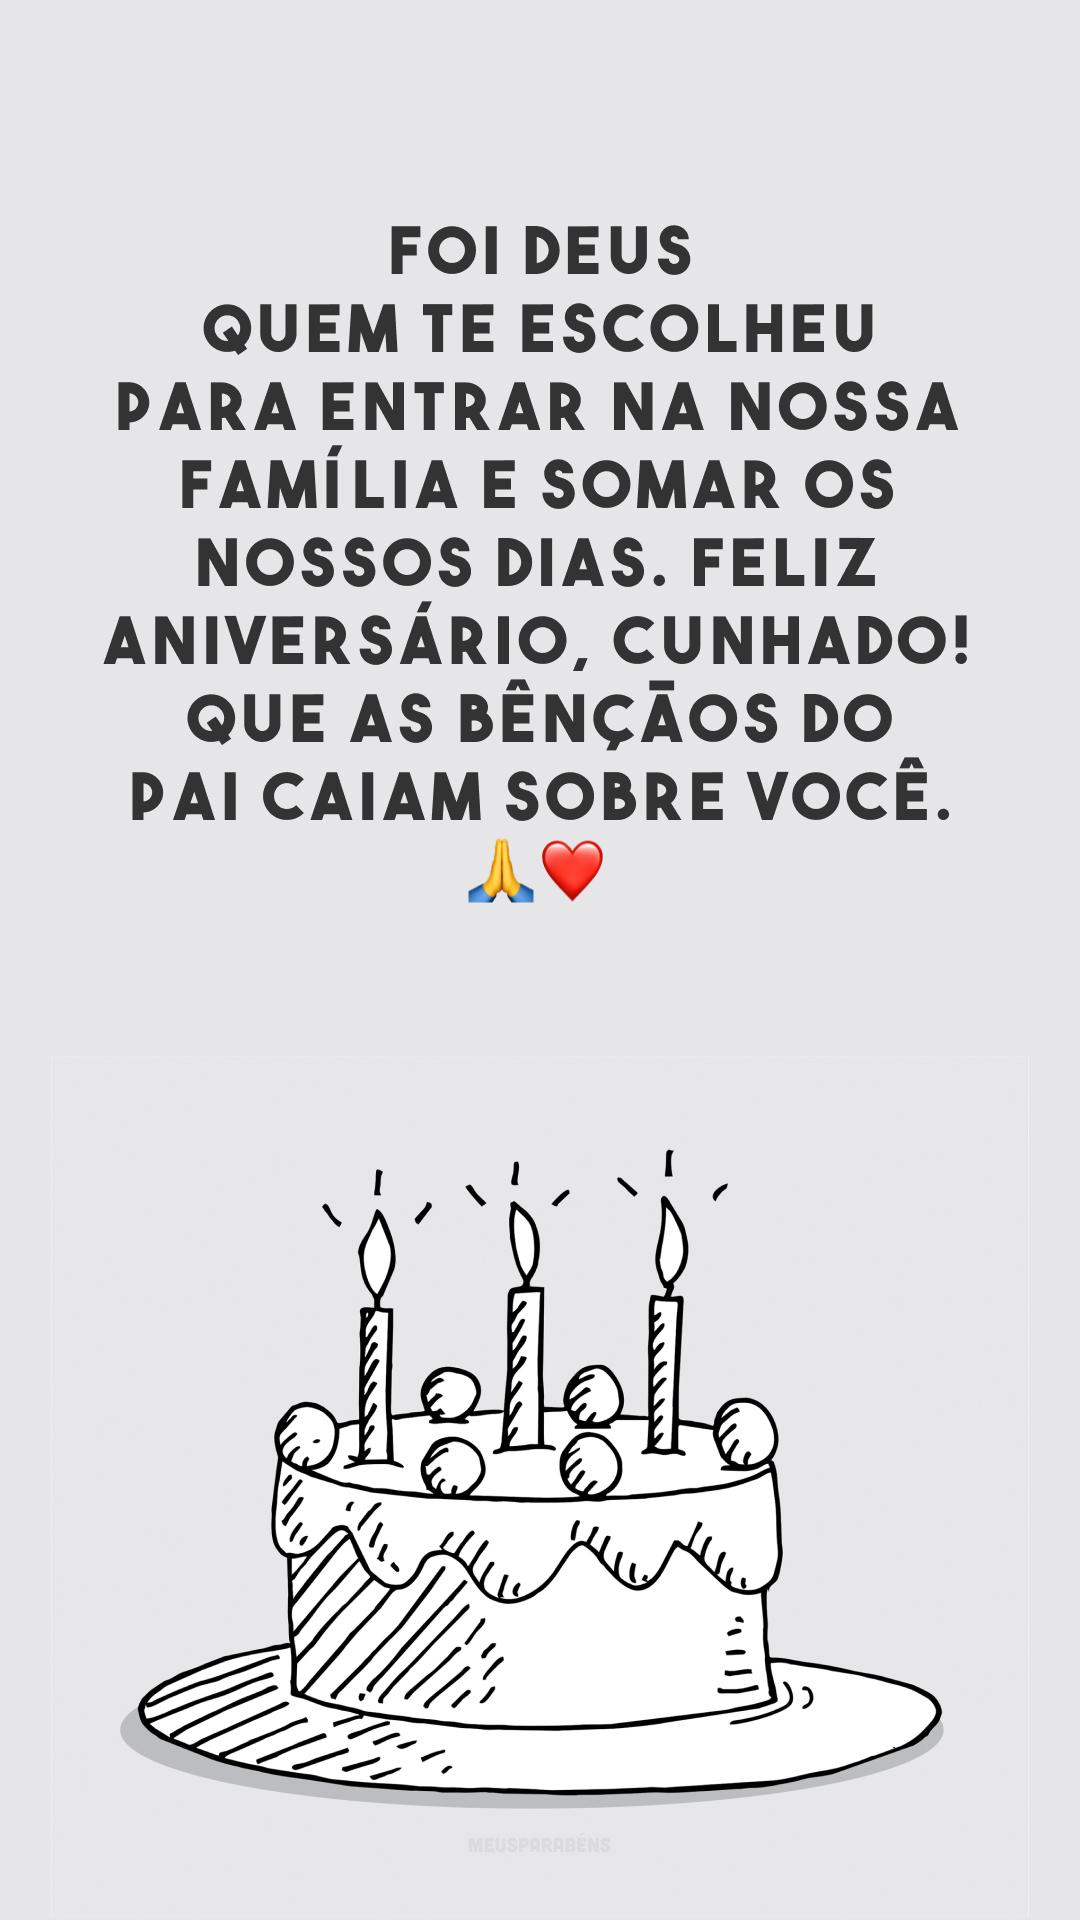 Foi Deus quem te escolheu para entrar na nossa família e somar os nossos dias. Feliz aniversário, cunhado! Que as bênçãos do Pai caiam sobre você. 🙏❤️